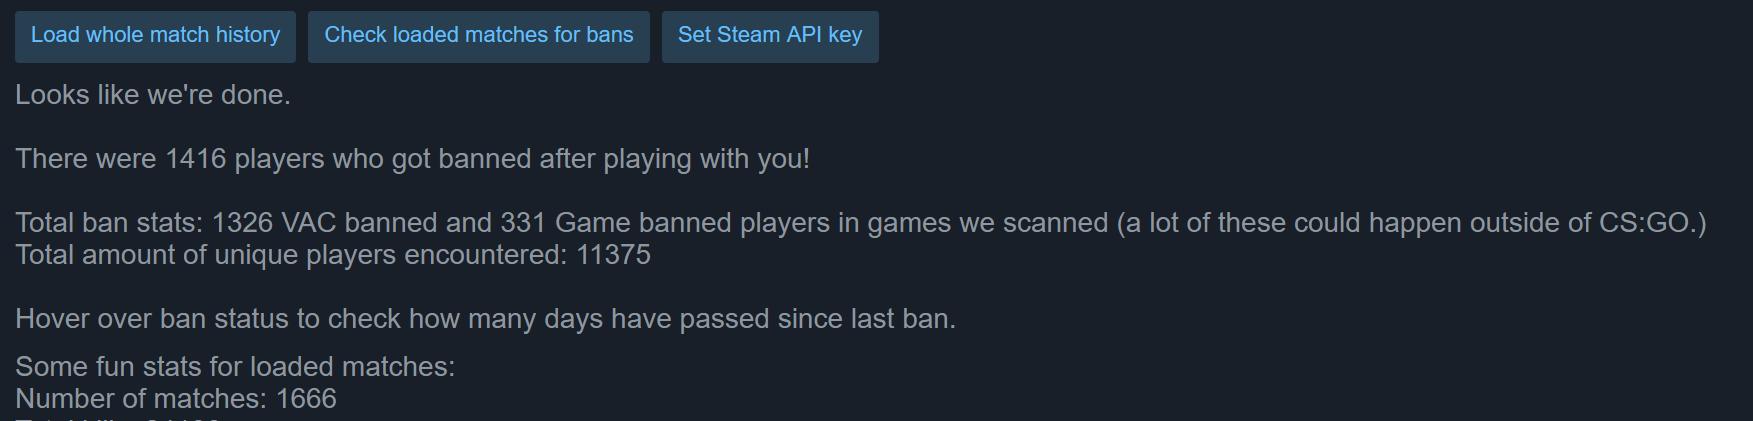 Steam data showing bans